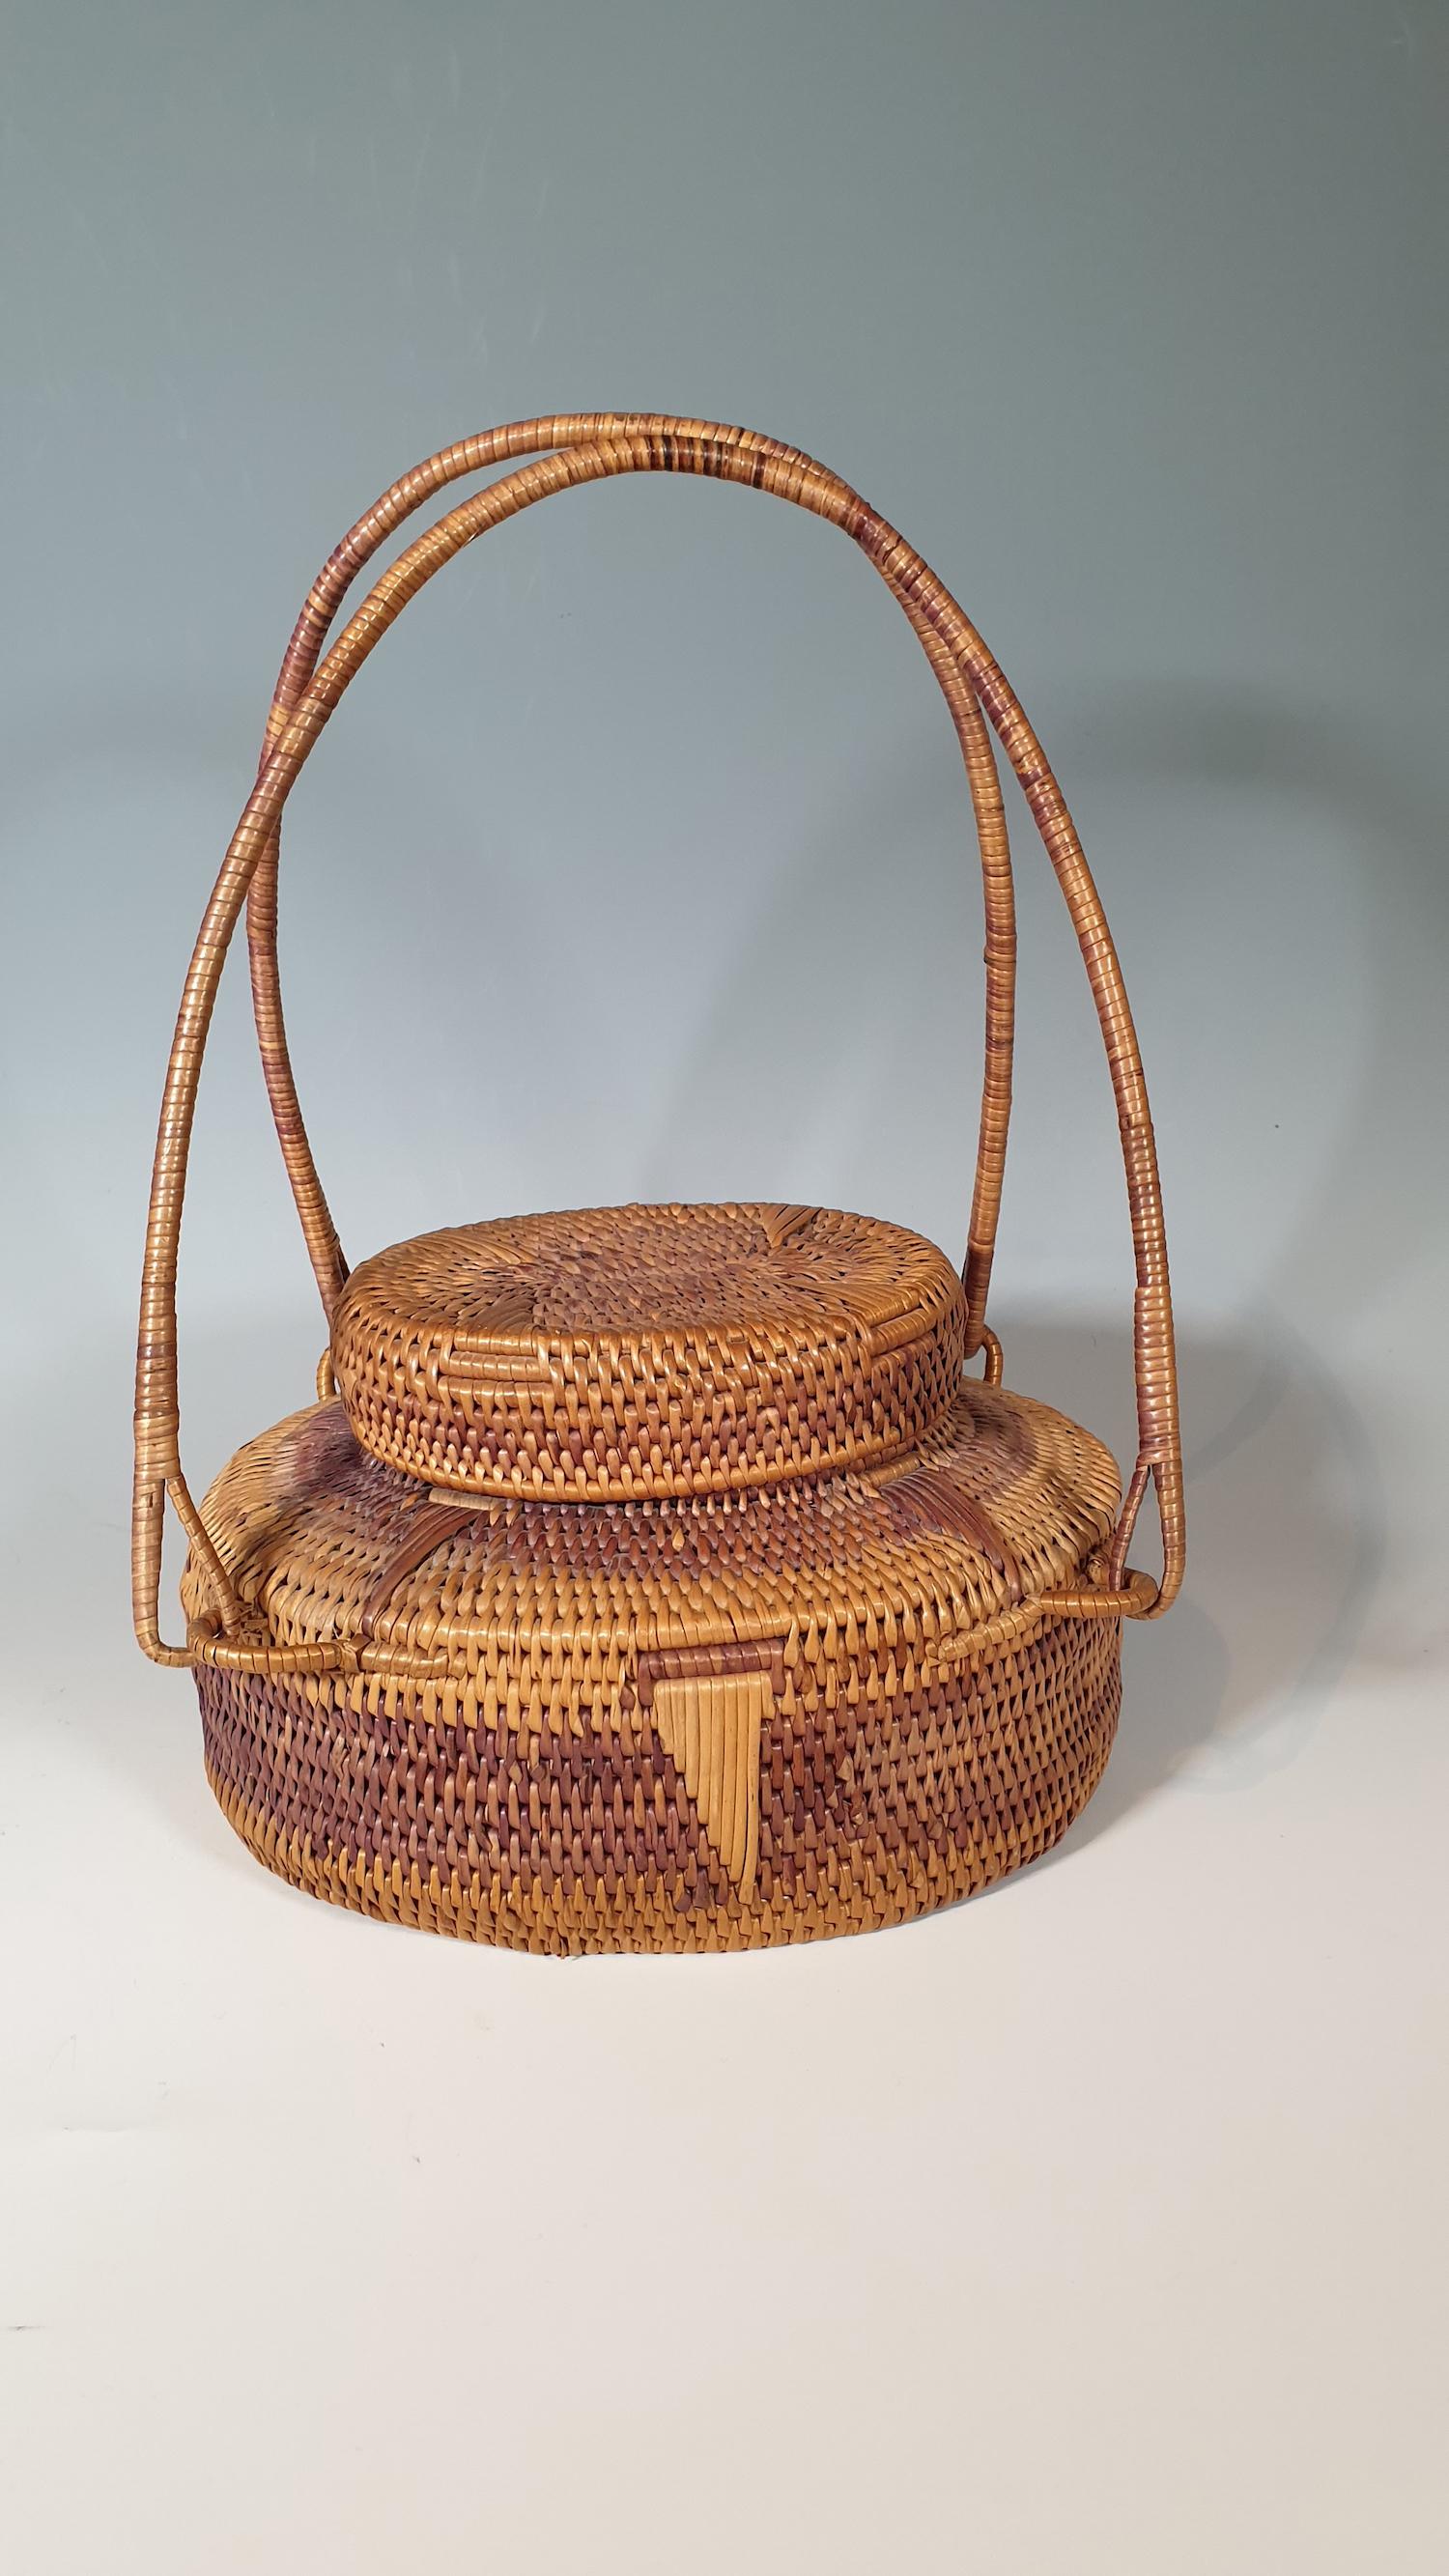 Bakongo Basket